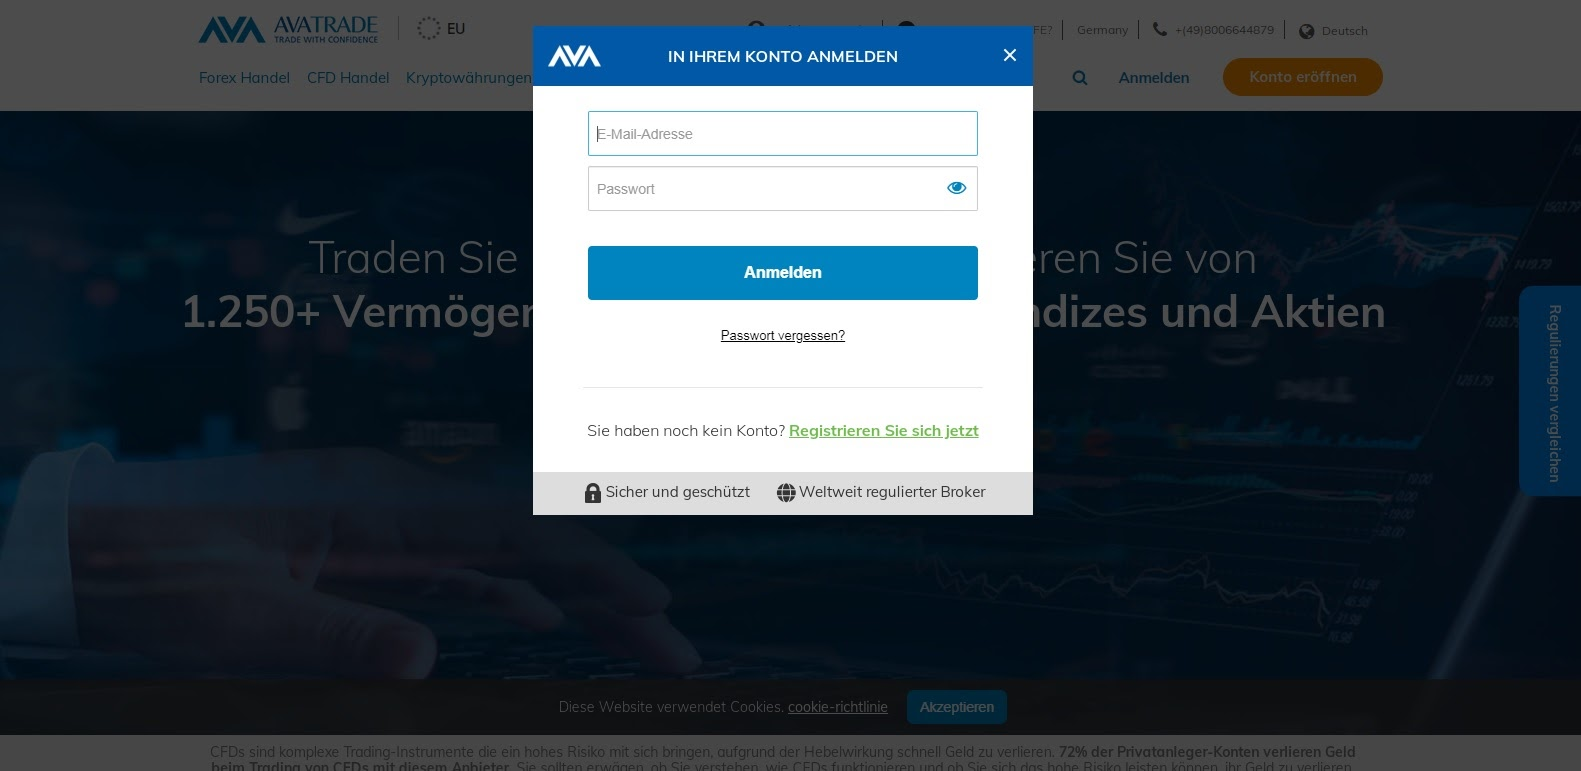 Открытие счета AvaTrade завершено и вход в аккаунт